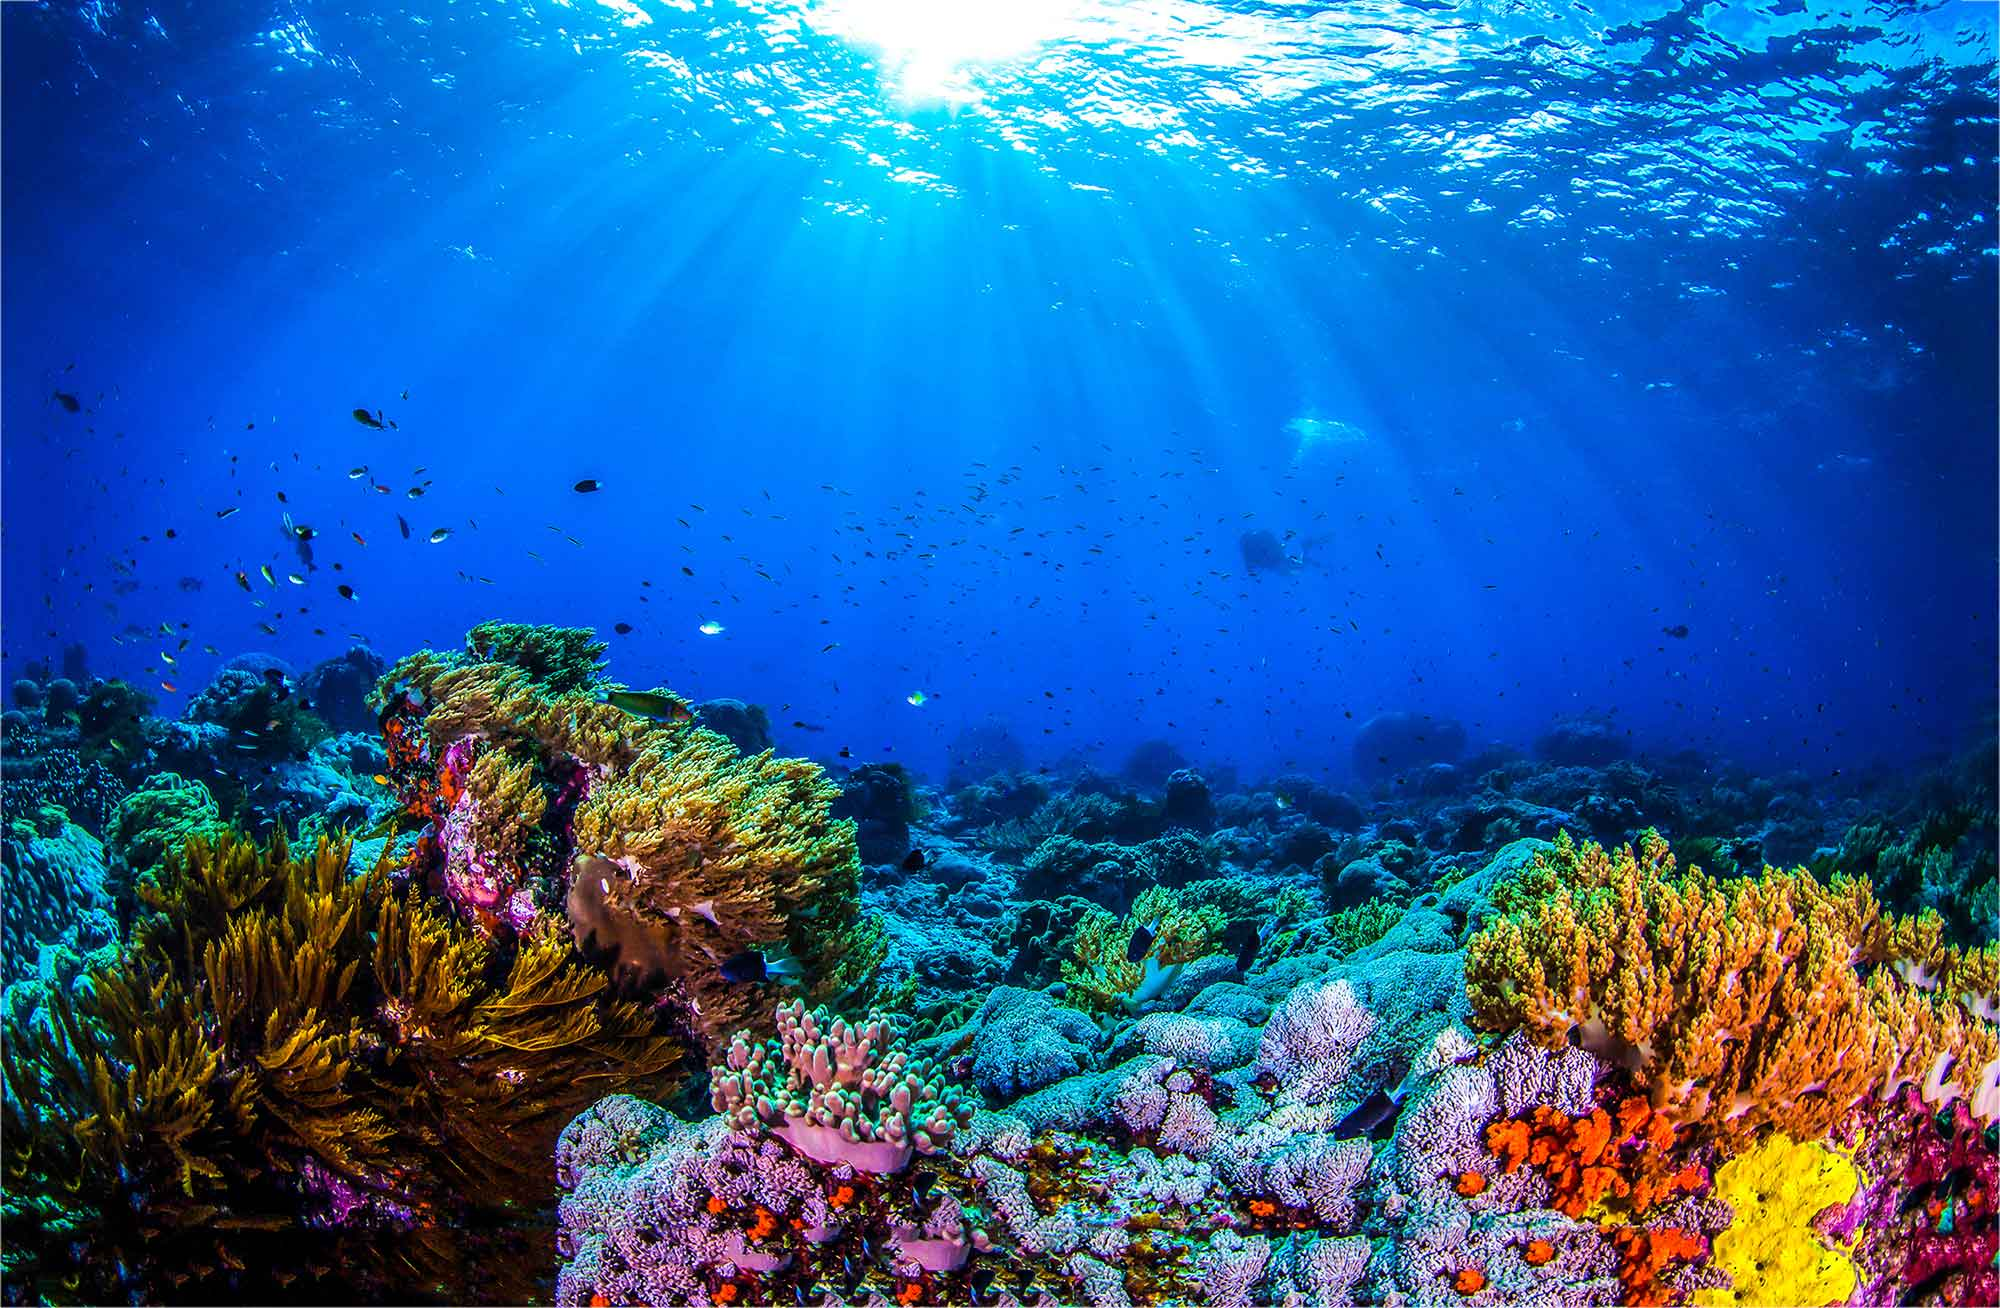 Diversity of species under water